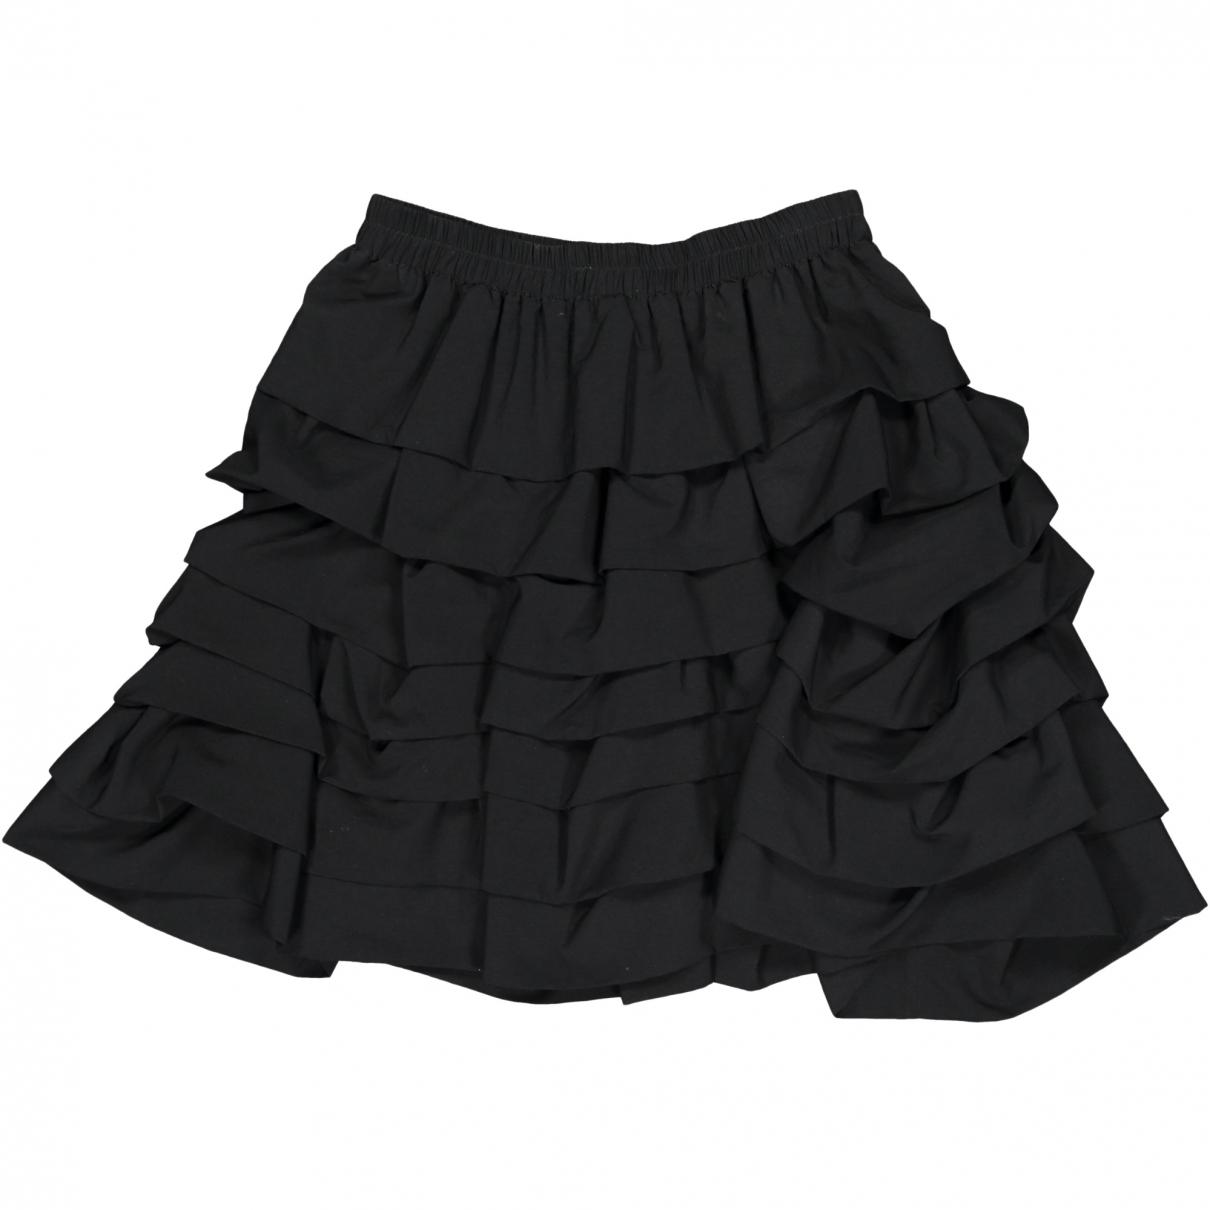 Marc Jacobs \N Black skirt for Women 4 0-5